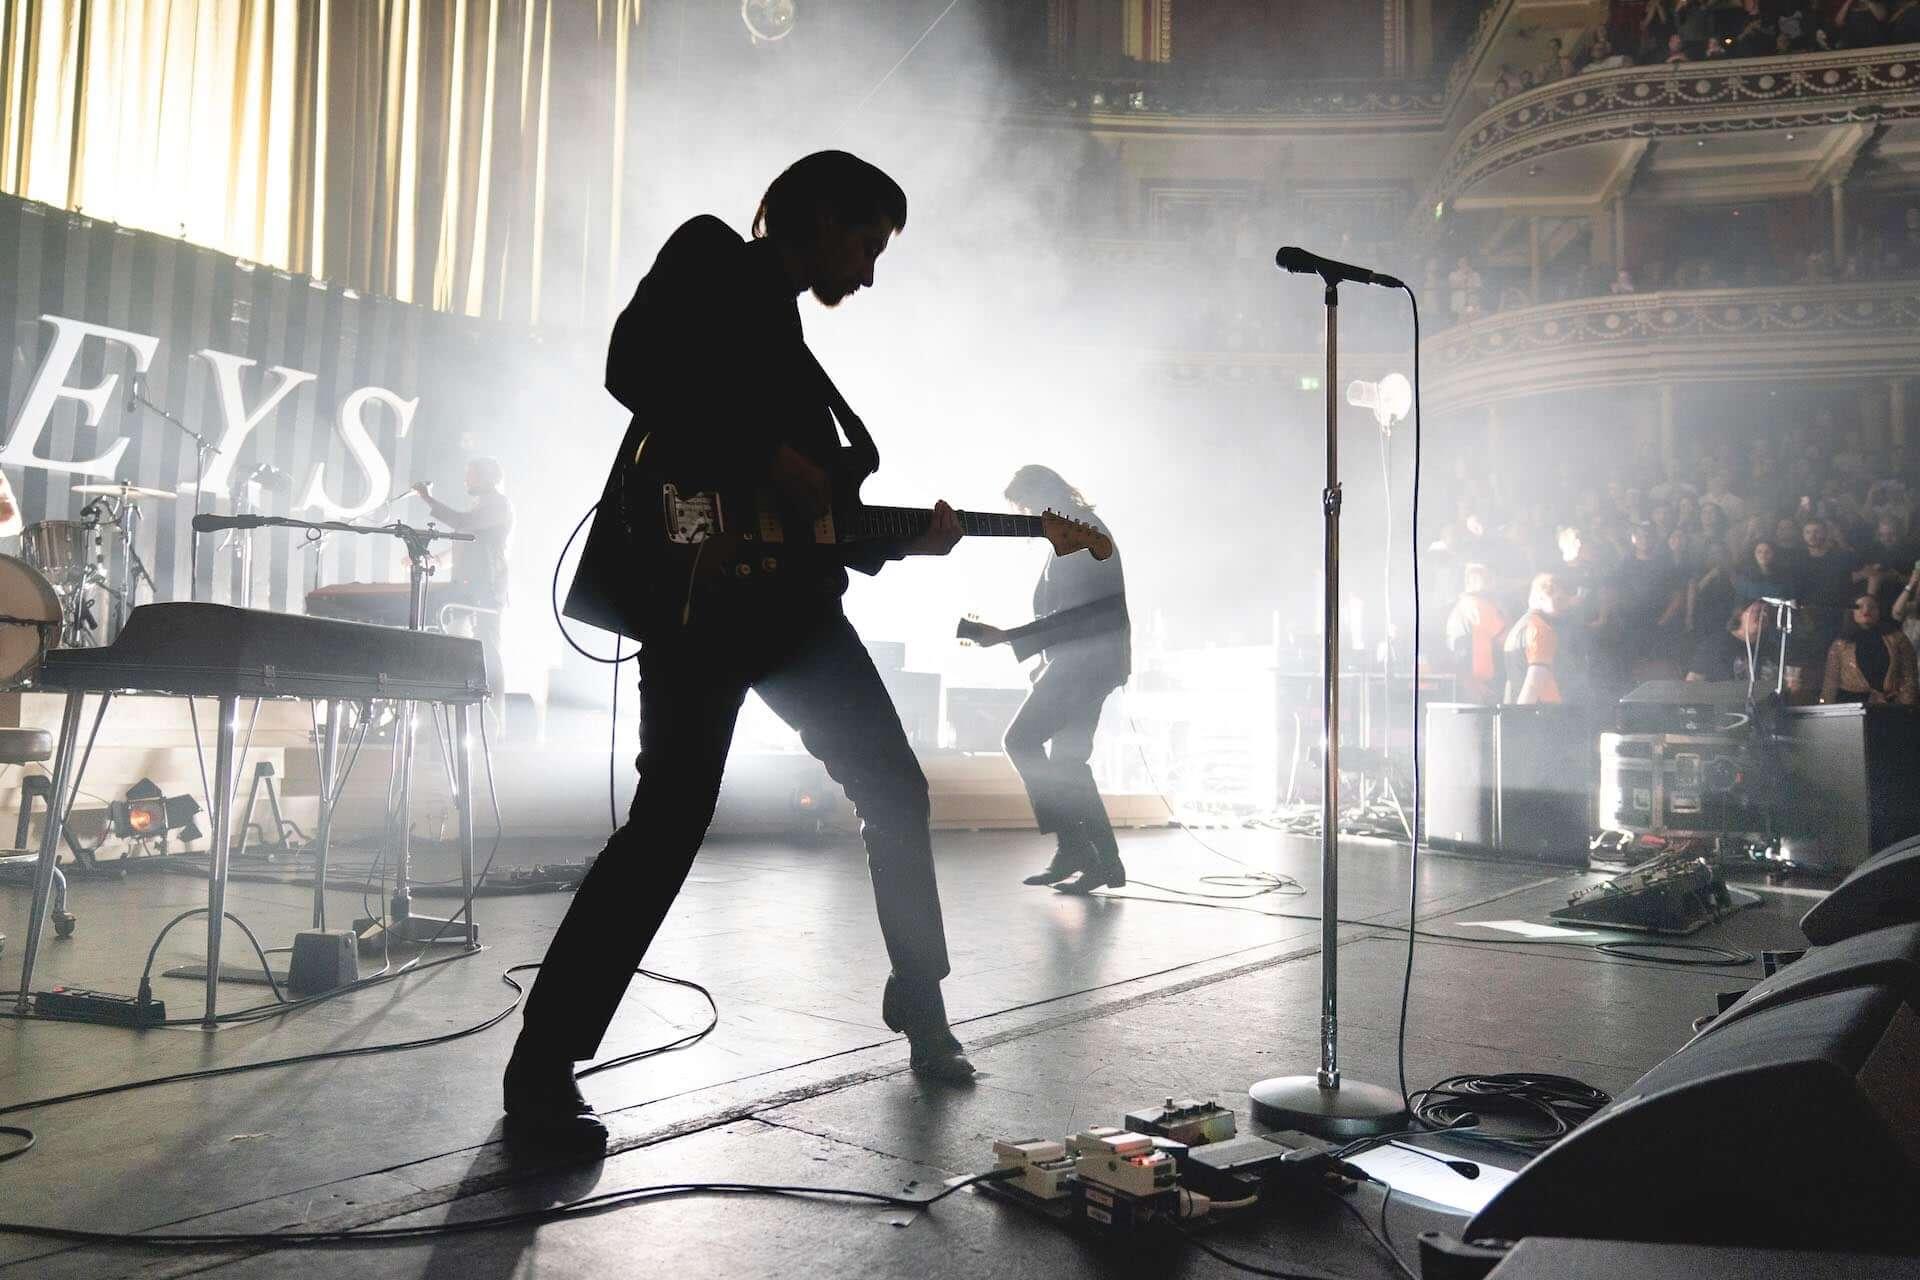 """Arctic Monkeysの最新ライブアルバム『Live At The Royal Albert Hall』より""""Arabella""""のライブ映像が公開!舞台裏の様子も収録 music201203_arctic-monkeys_5-1920x1280"""